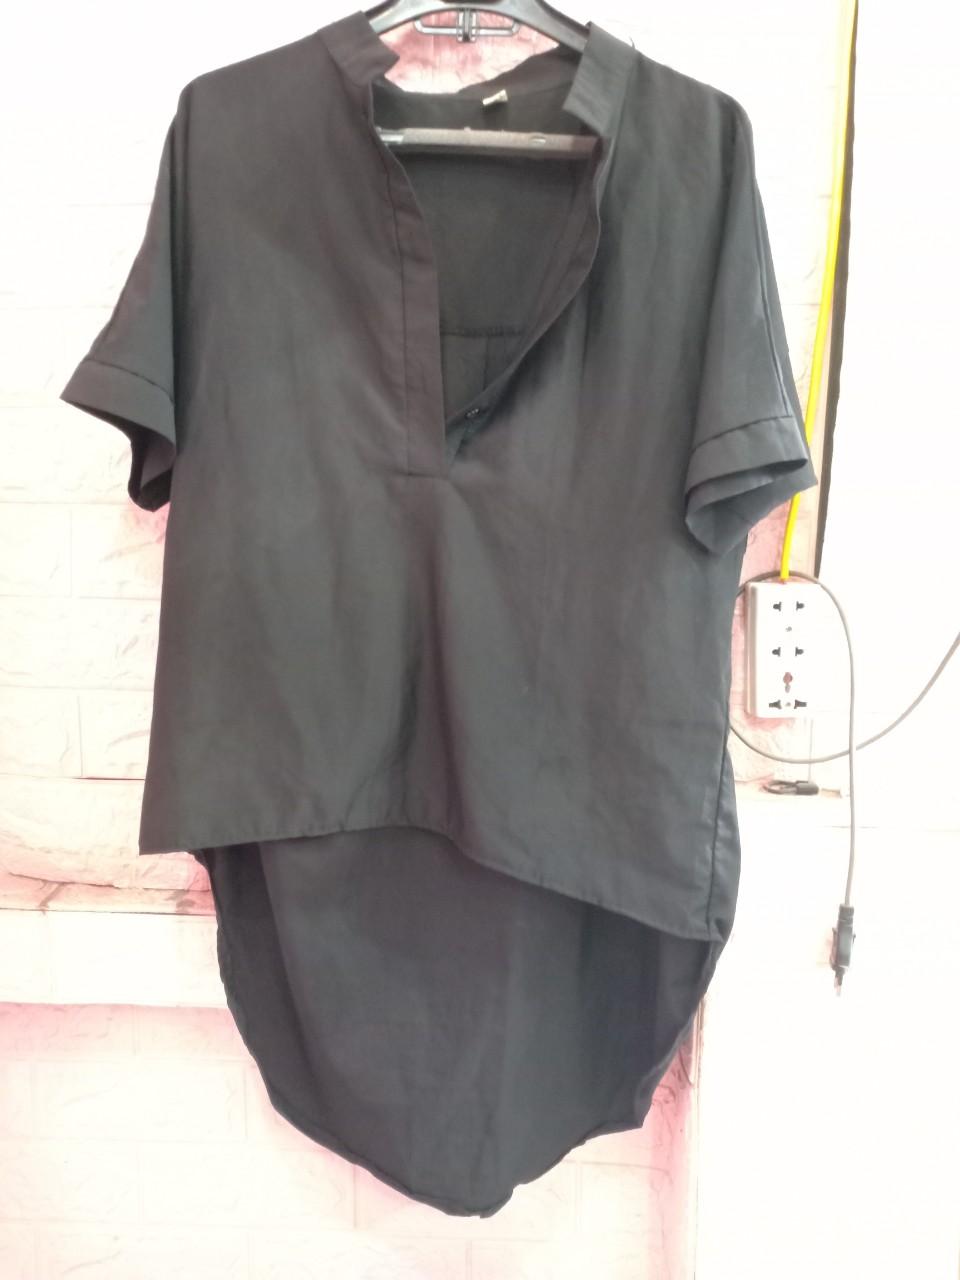 áo bầu đen.jpg